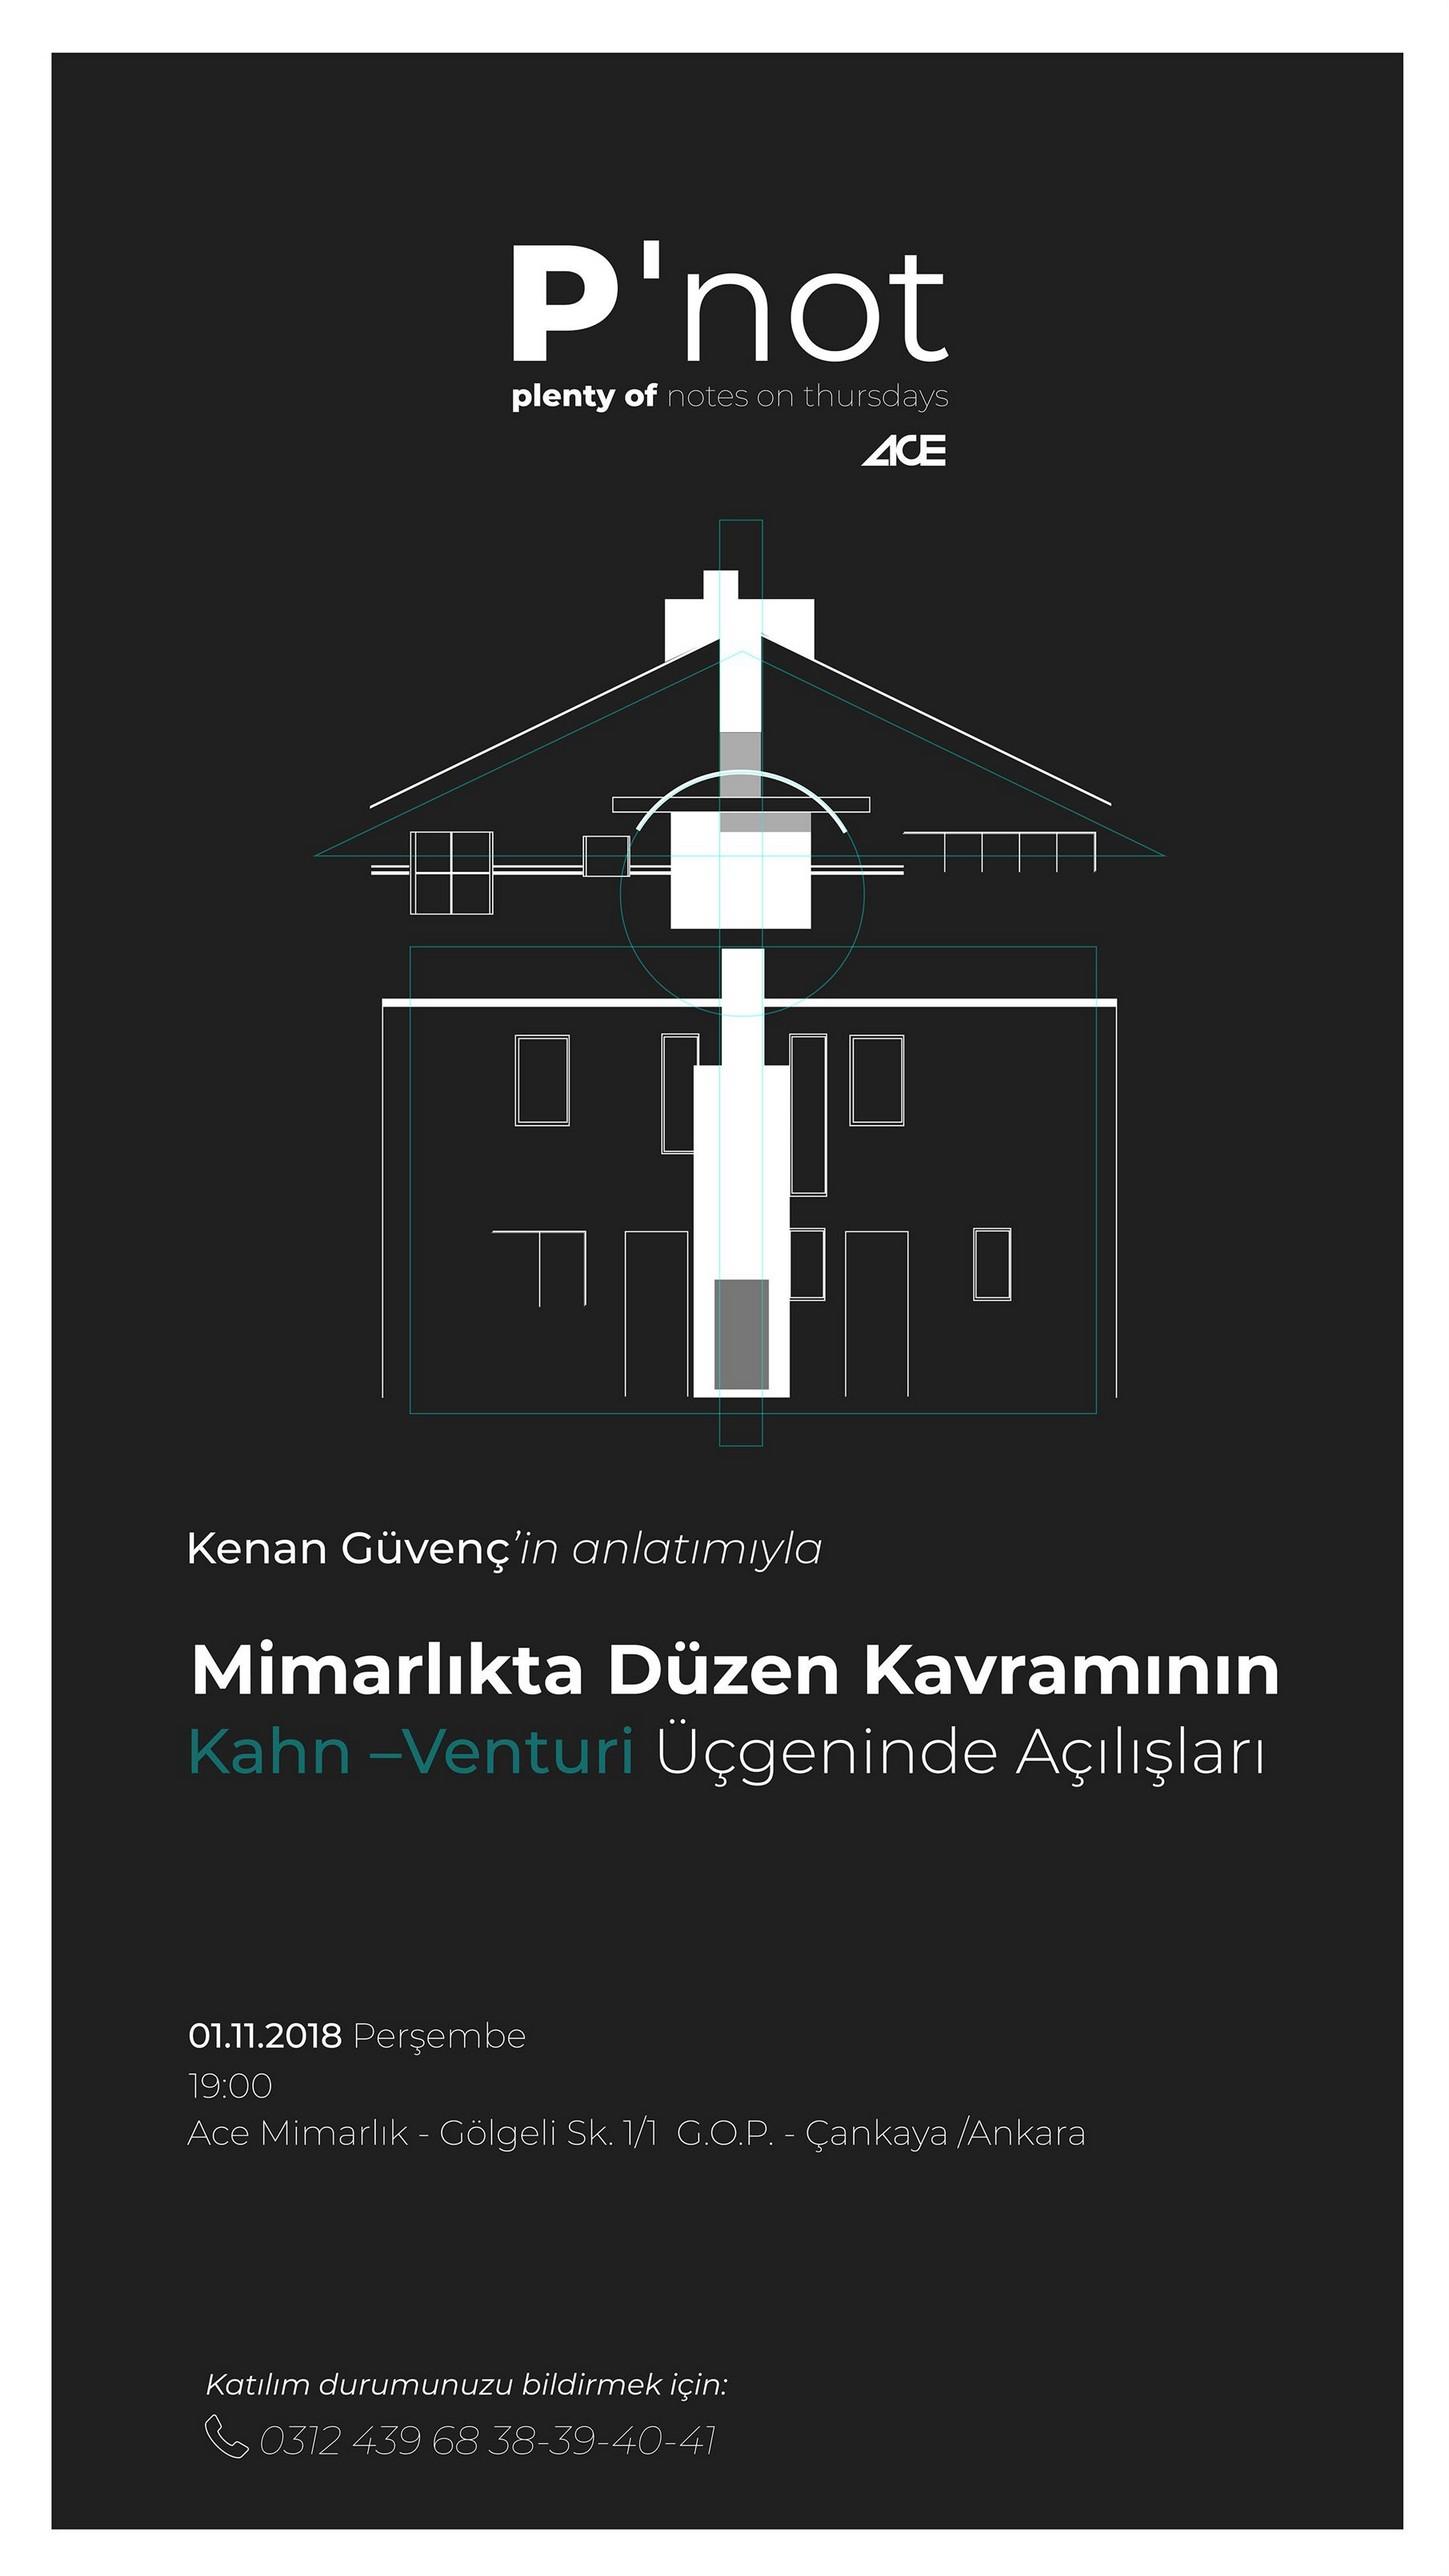 Mimarlıkta Düzen Kavramının Kahn - Venturi Üçgeninde Açılışları